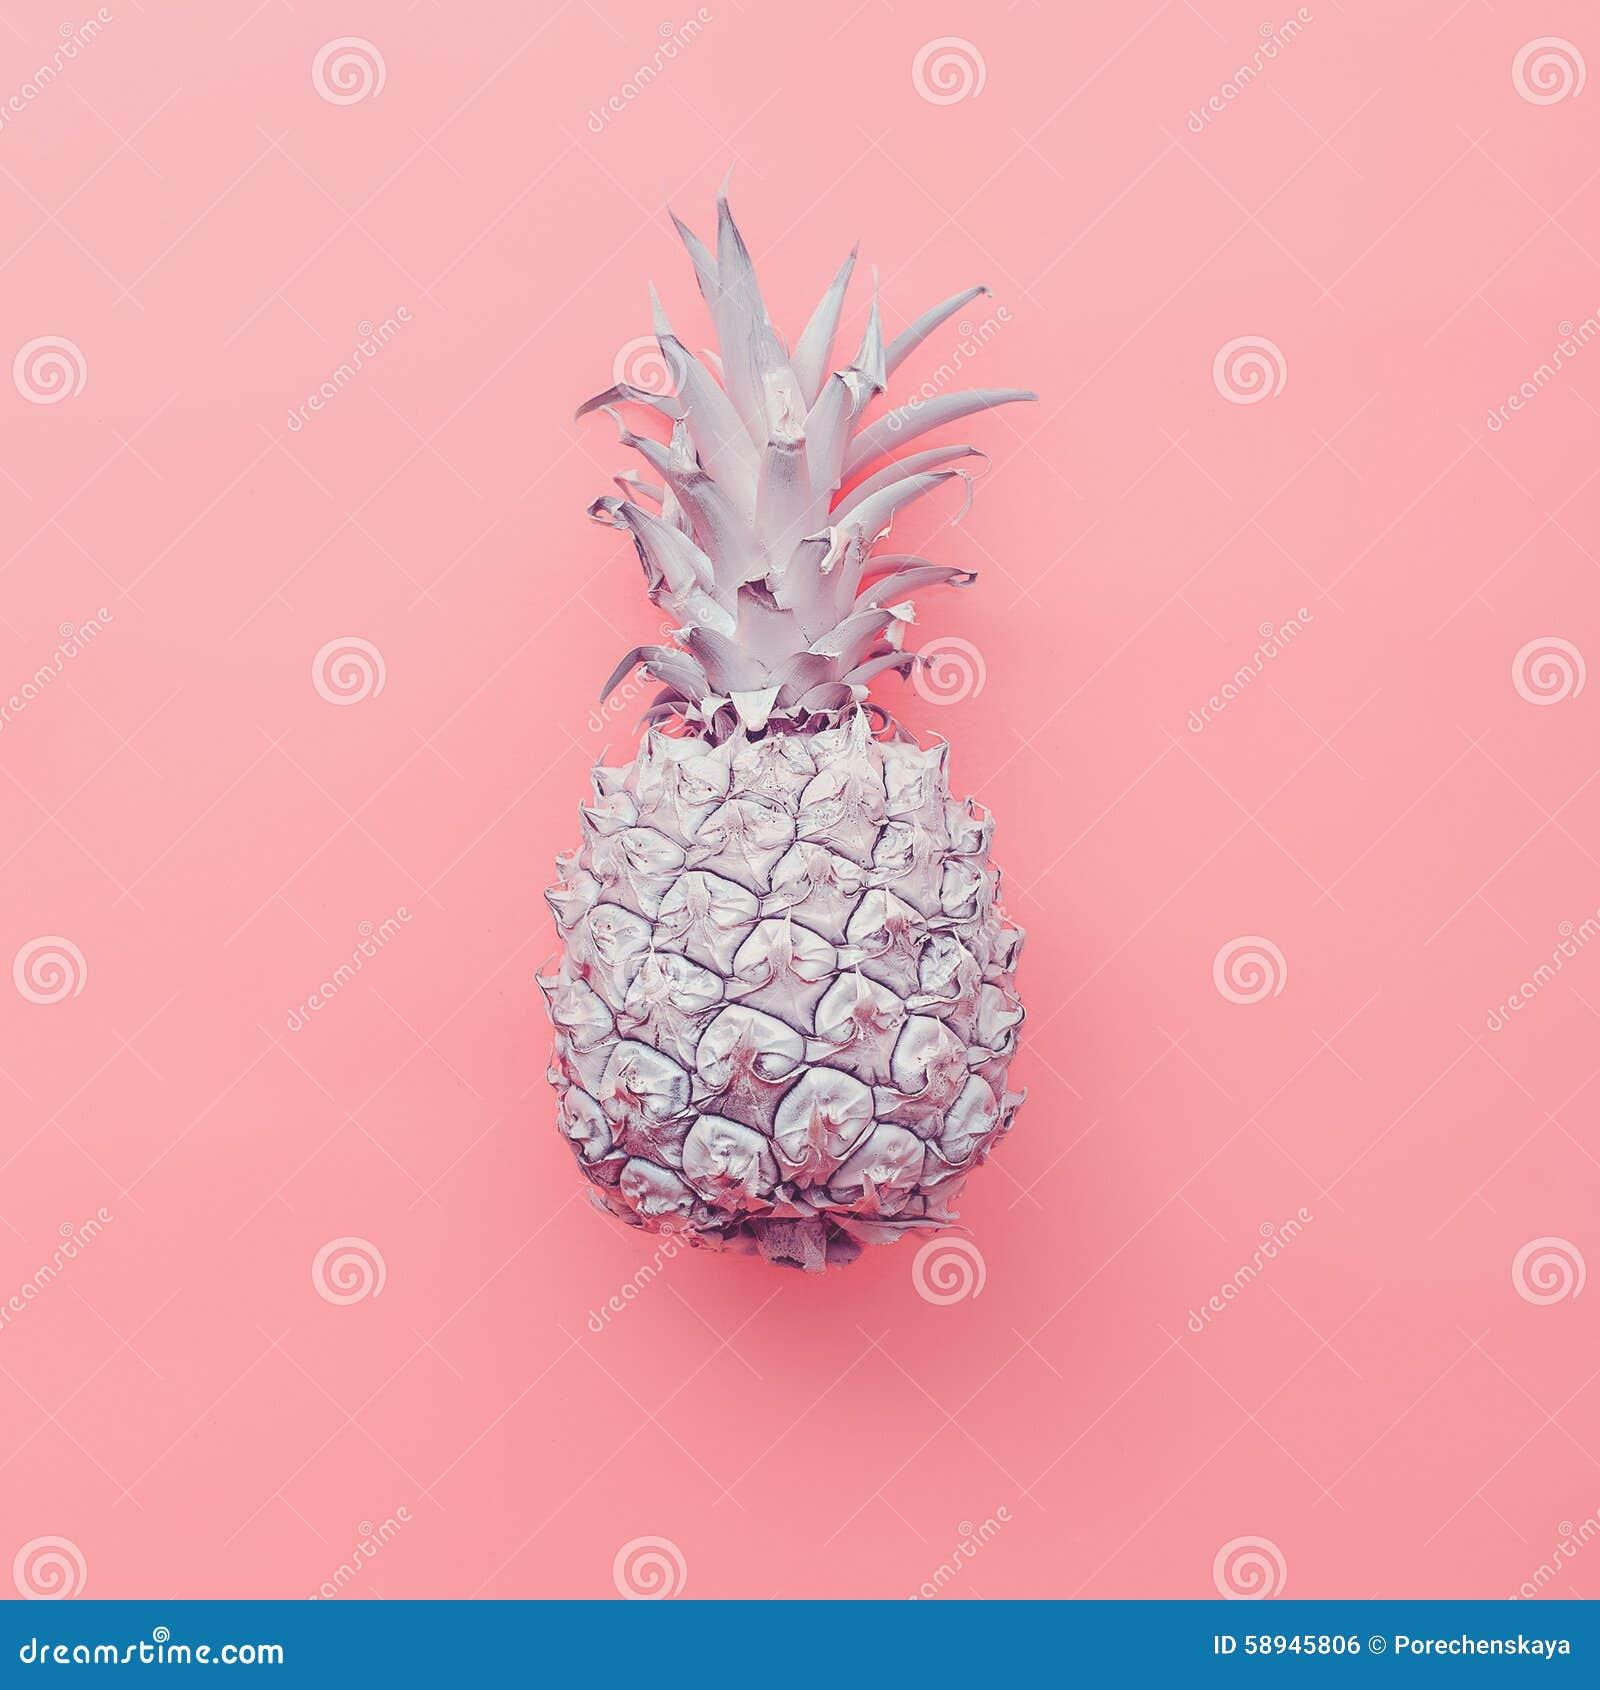 Fashion Fake Pineapple On Pink Background Minimal Style Stock Photo Image 58945806